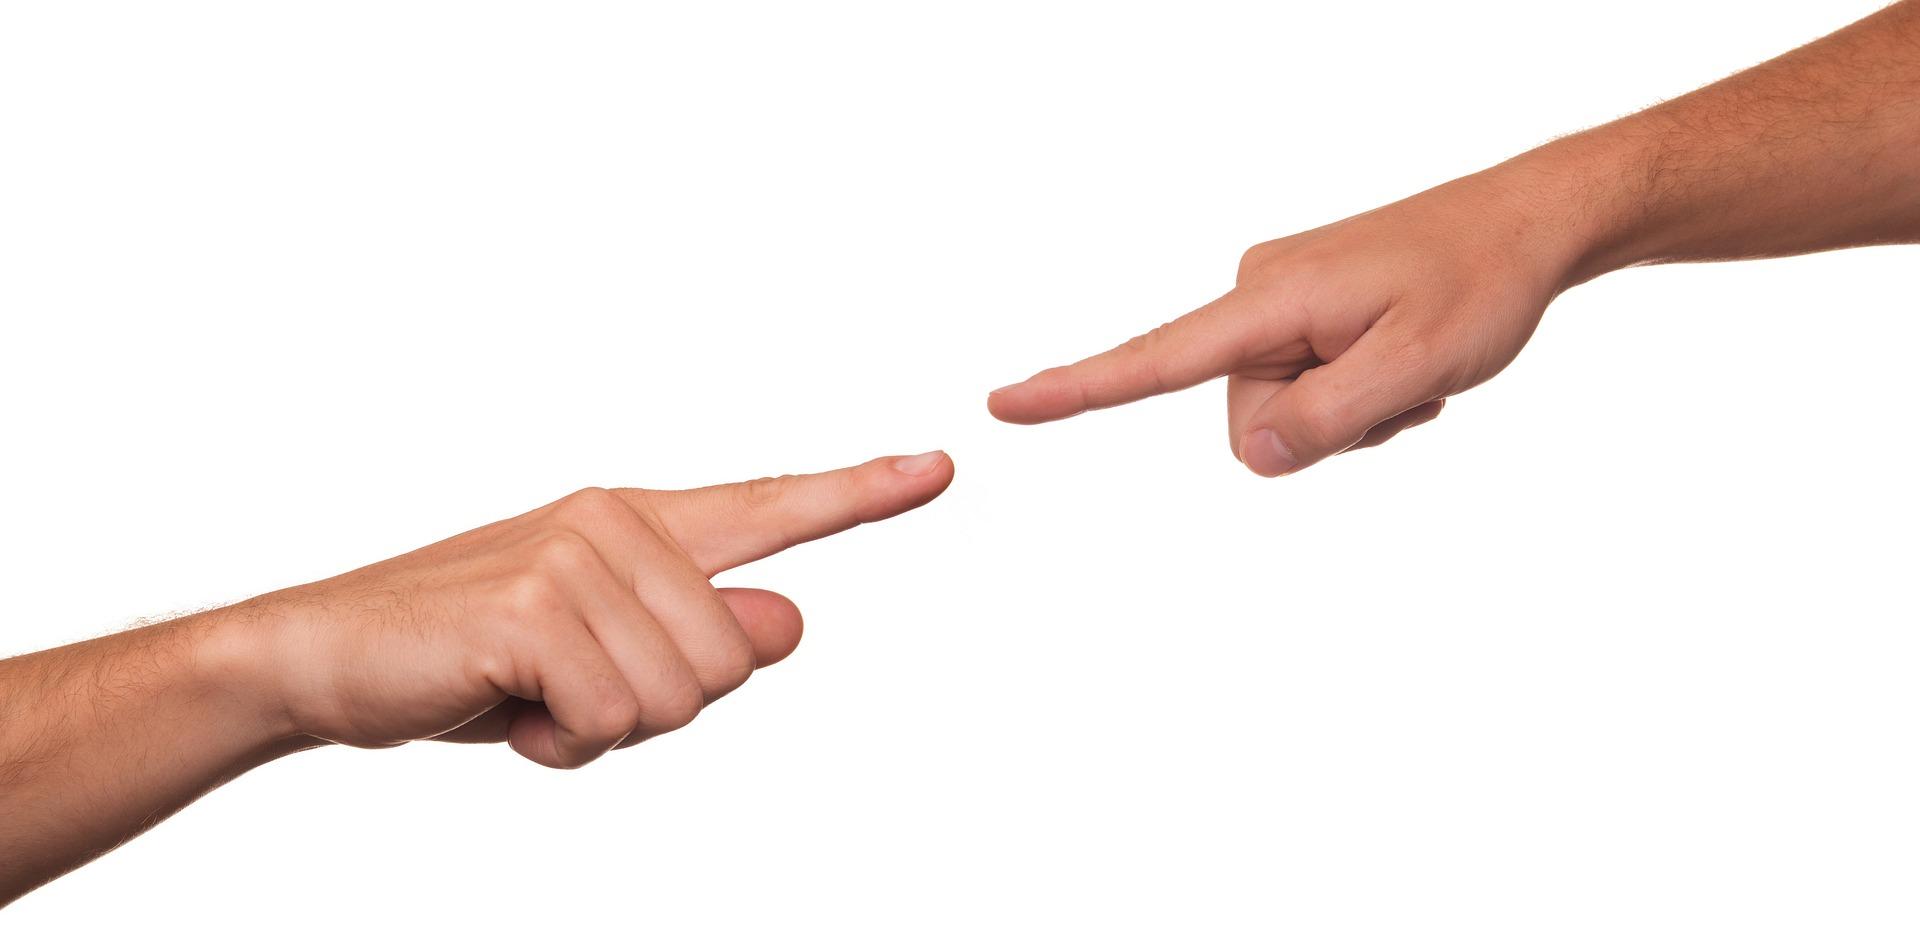 Genitori e insegnanti: alleanza possibile?